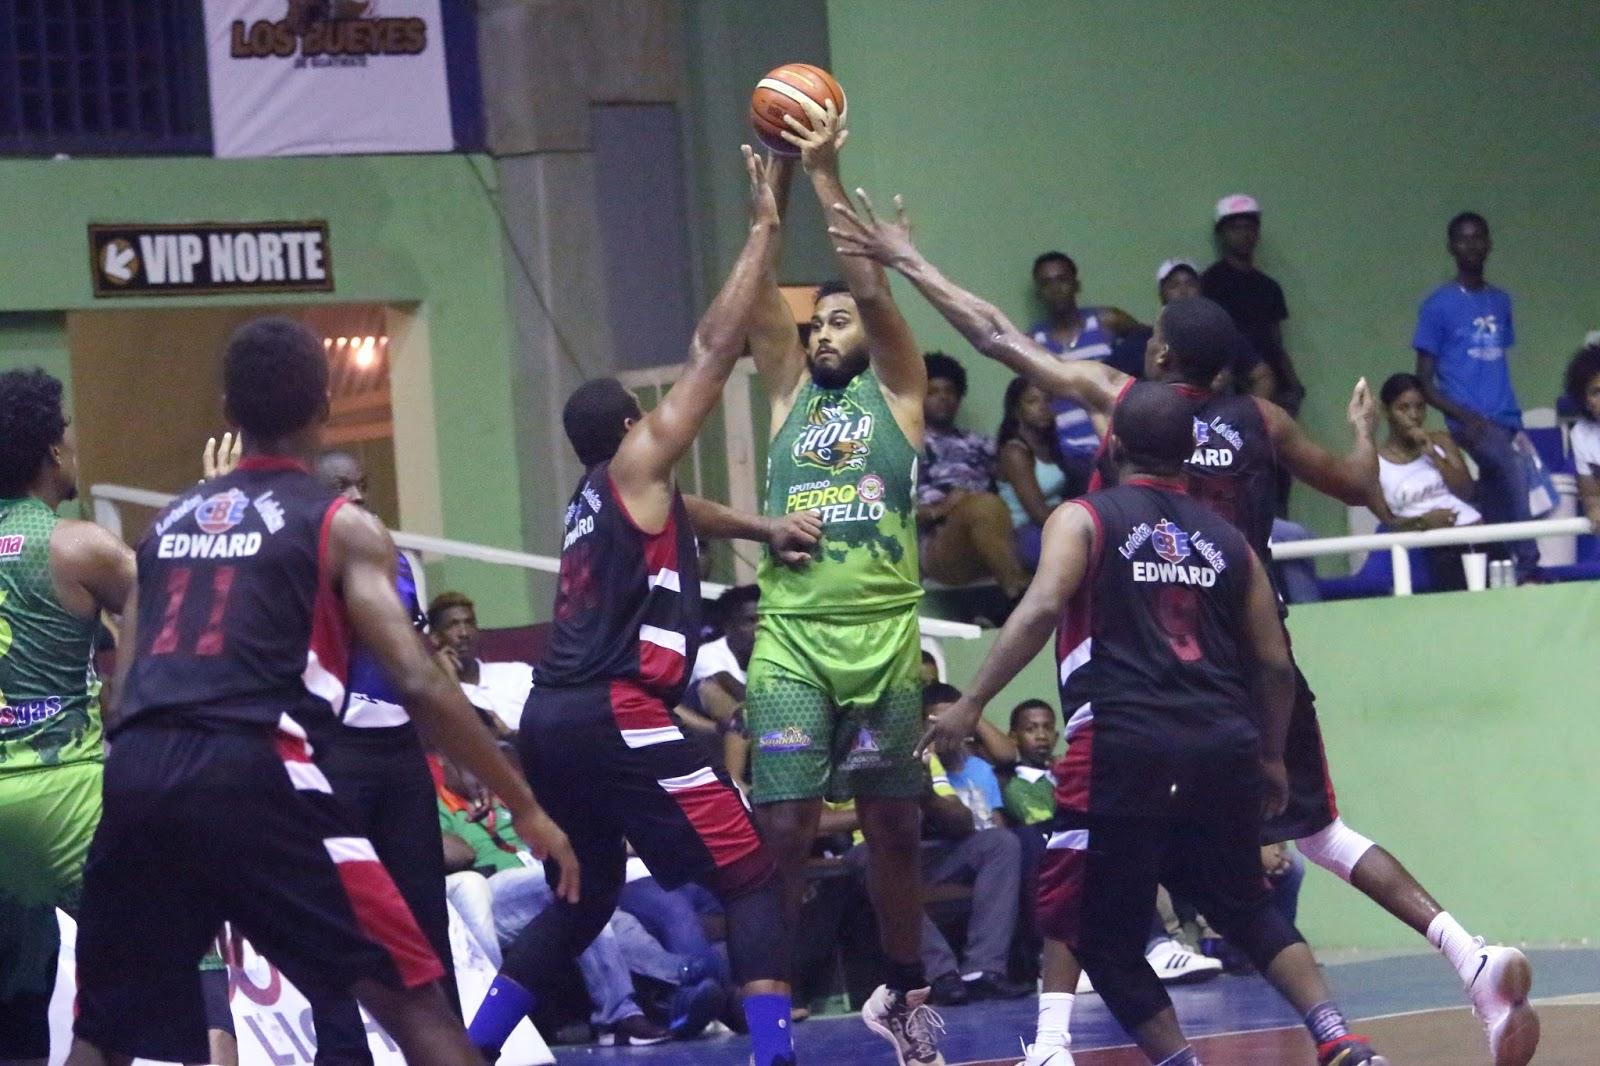 Hermosa Entrenamiento De Baloncesto Reanudar Objetivo Patrón ...